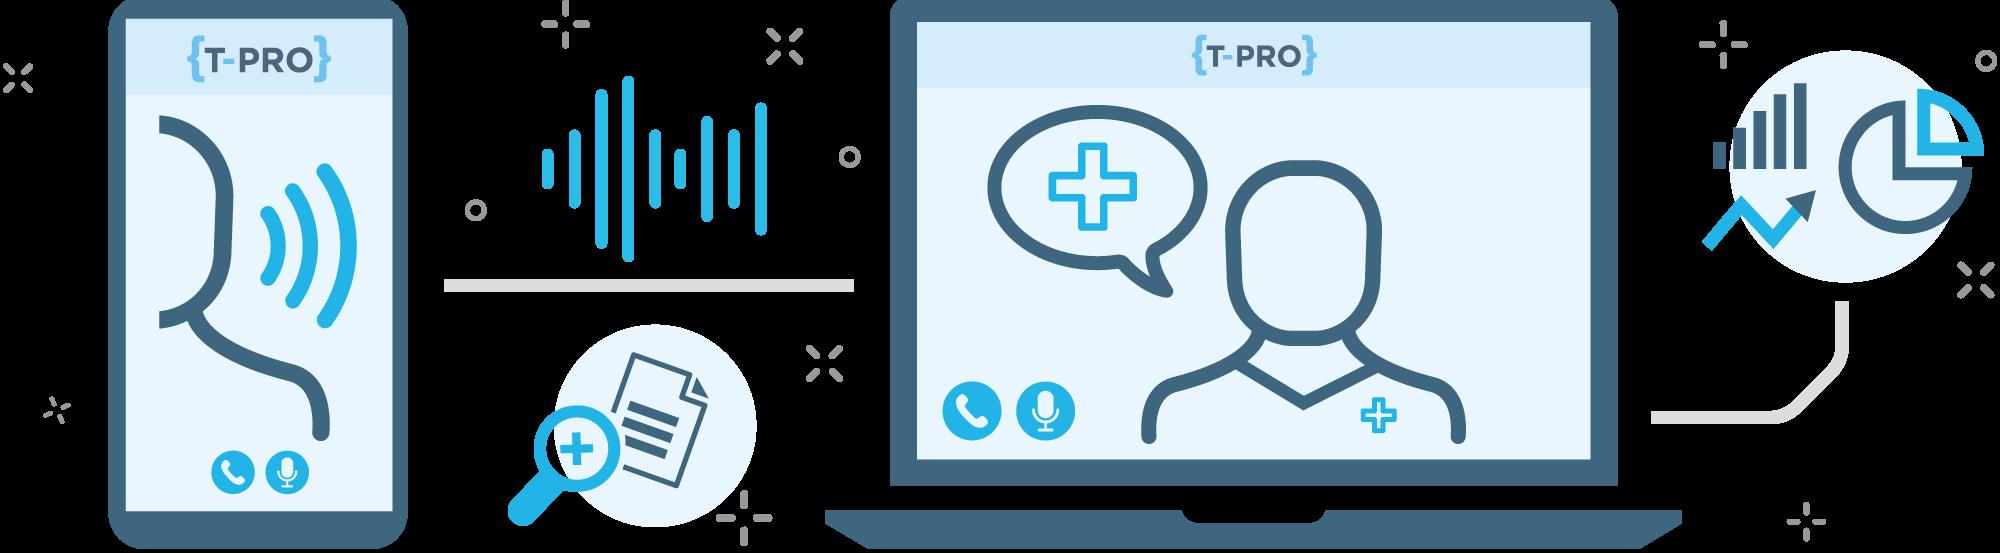 T-Pro sichert die medizinische Versorgung via Online-Sprechstunde